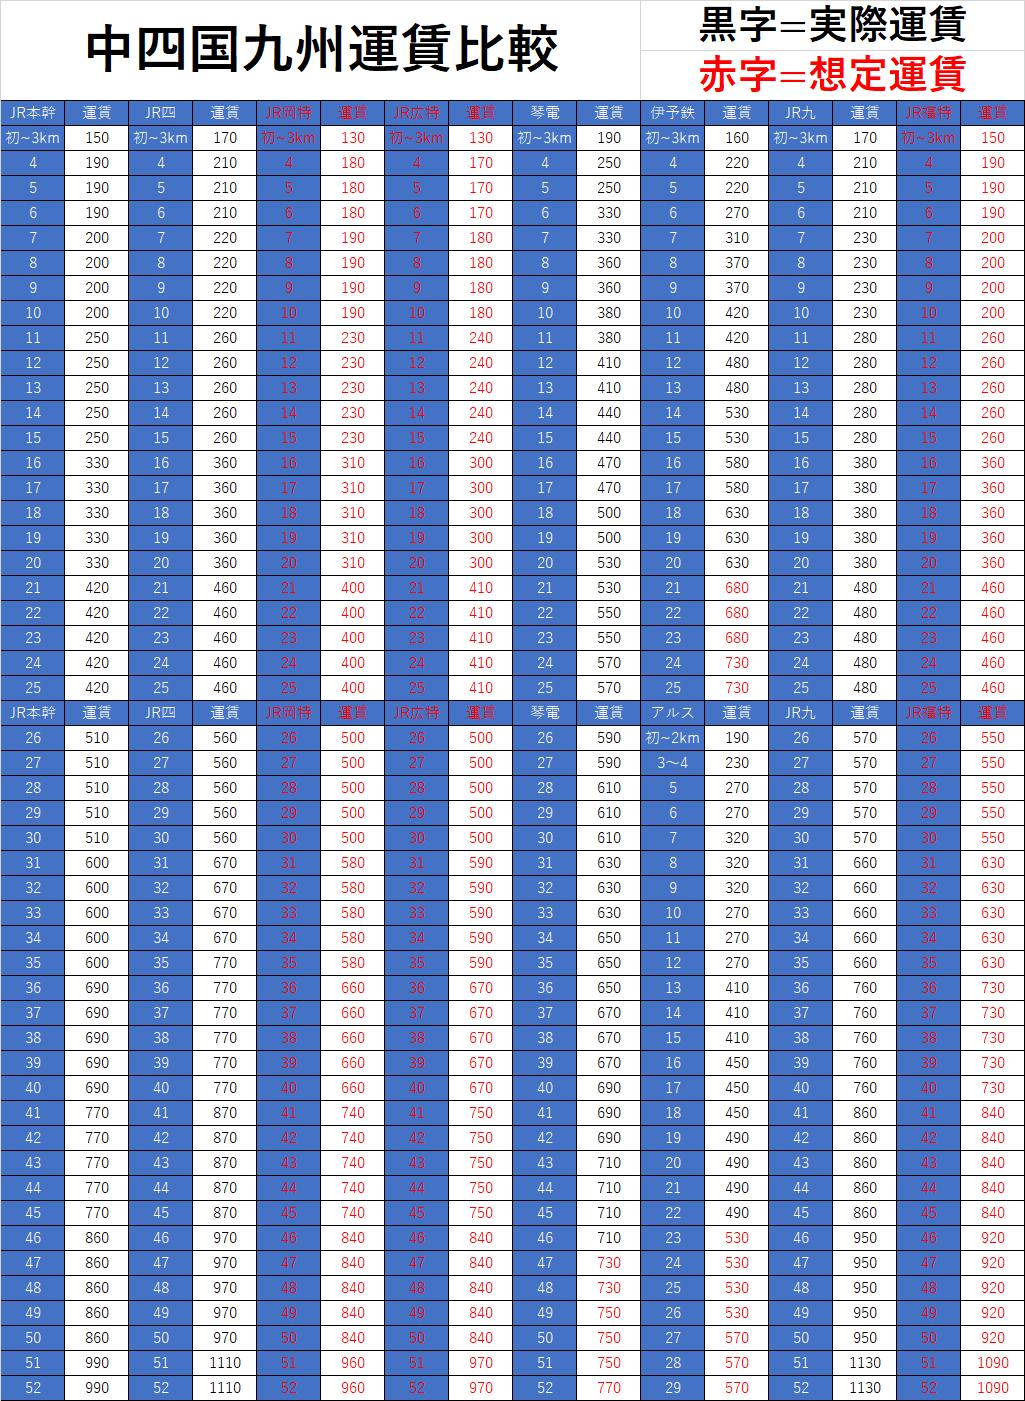 中四国、九州運賃比較表